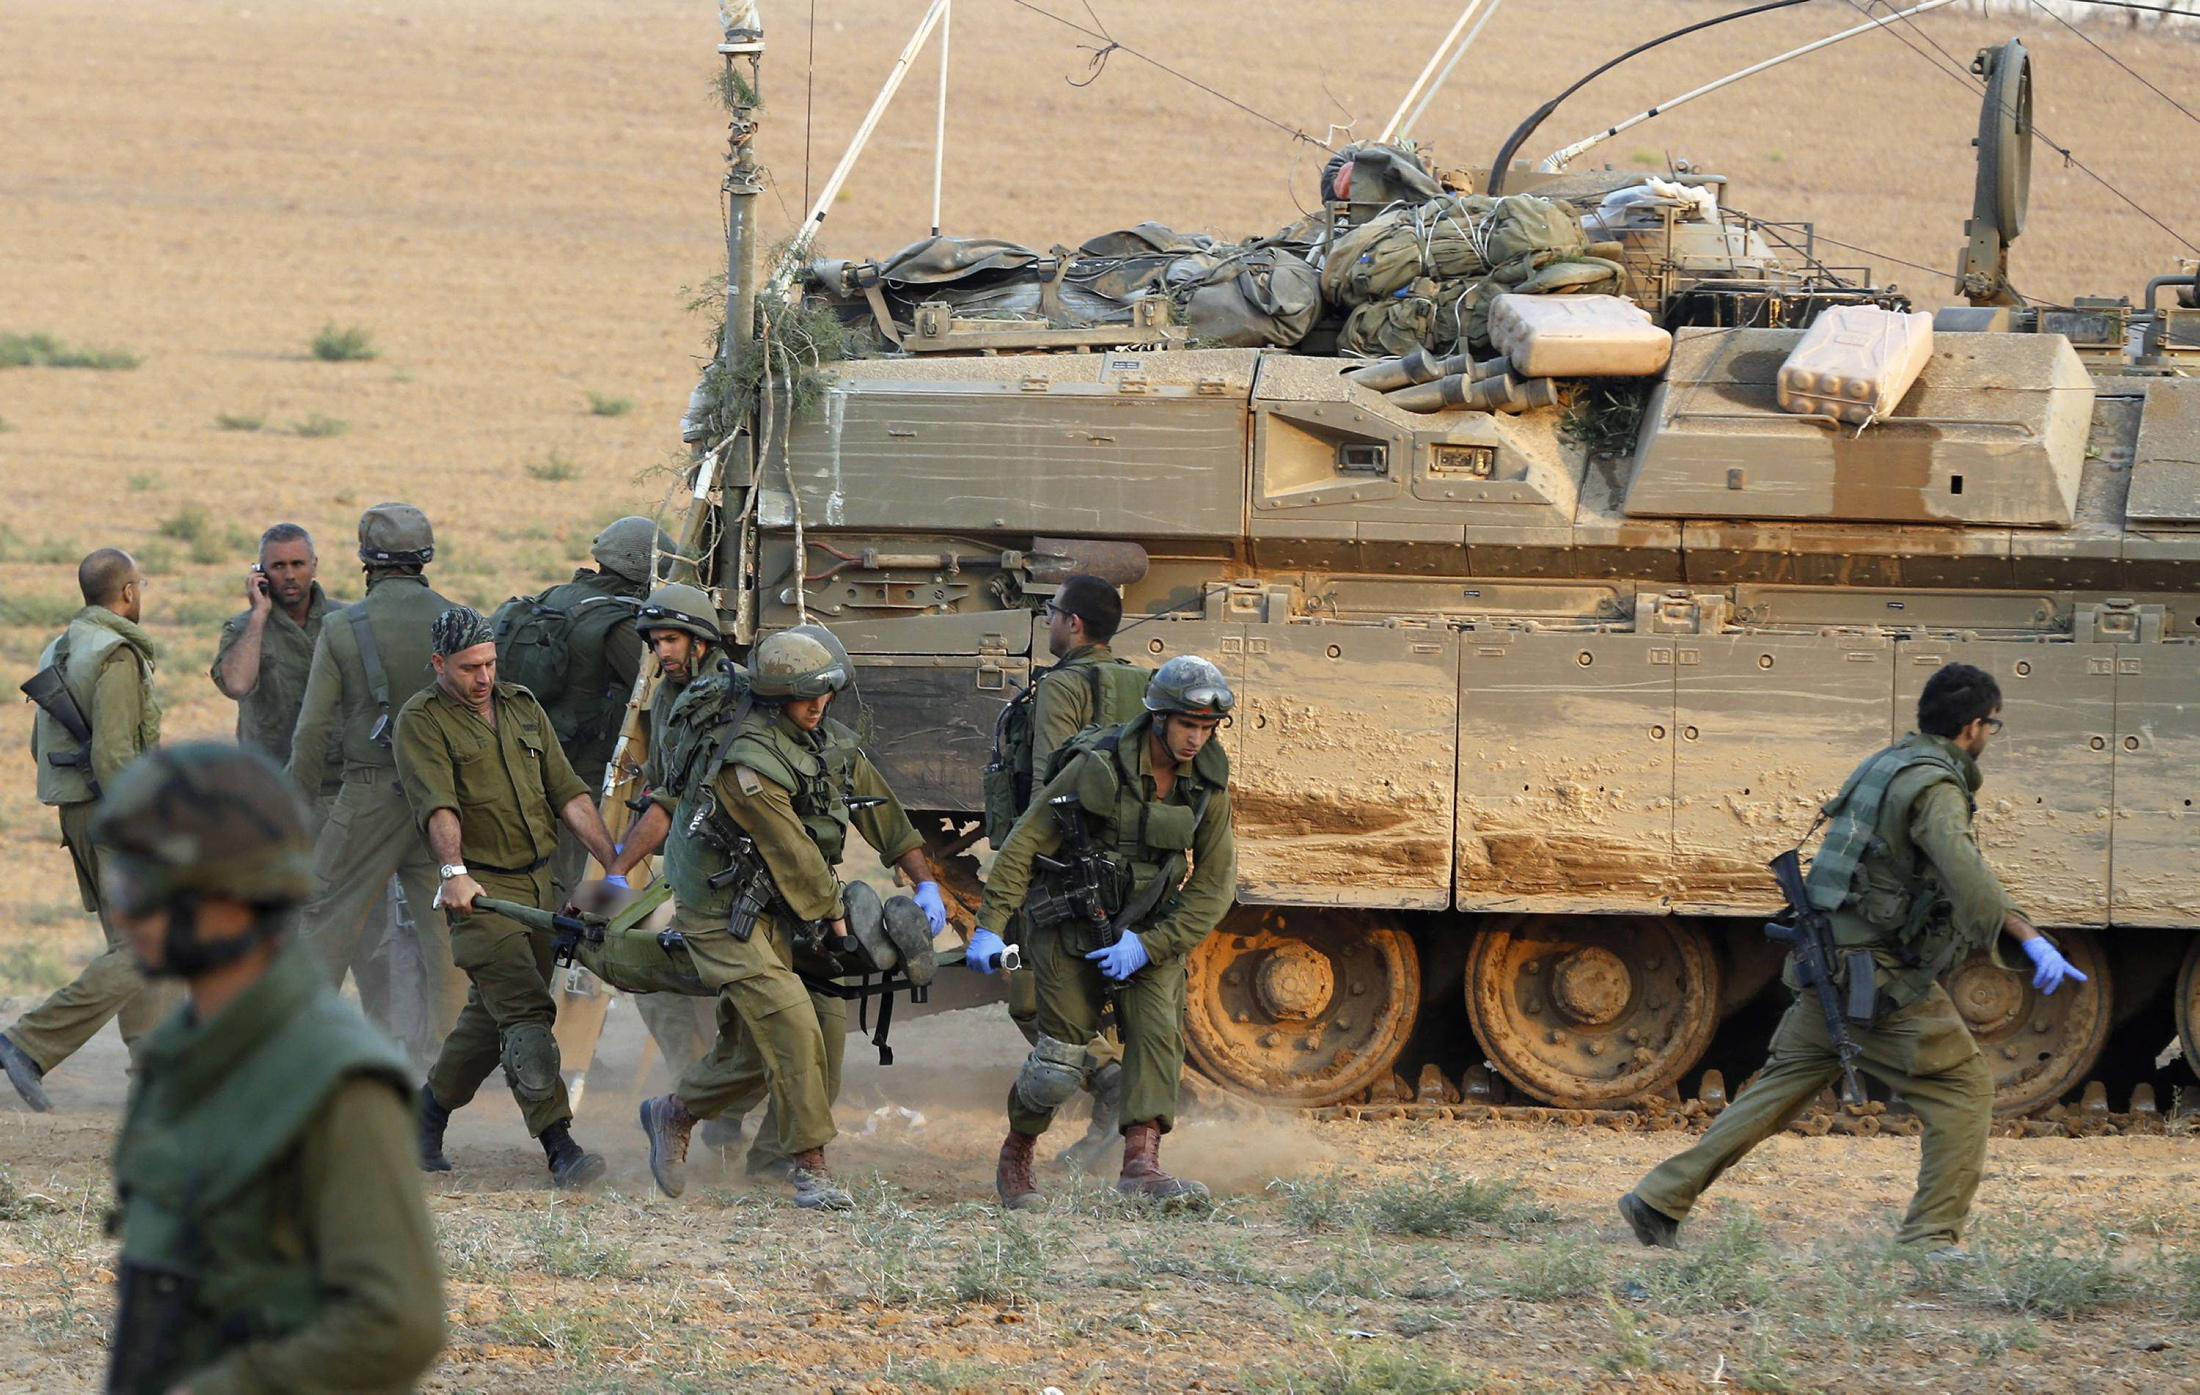 جيش الاحتلال لم يتعرف بعد على هوية جندي قتل في عملية تفجير المدرعة